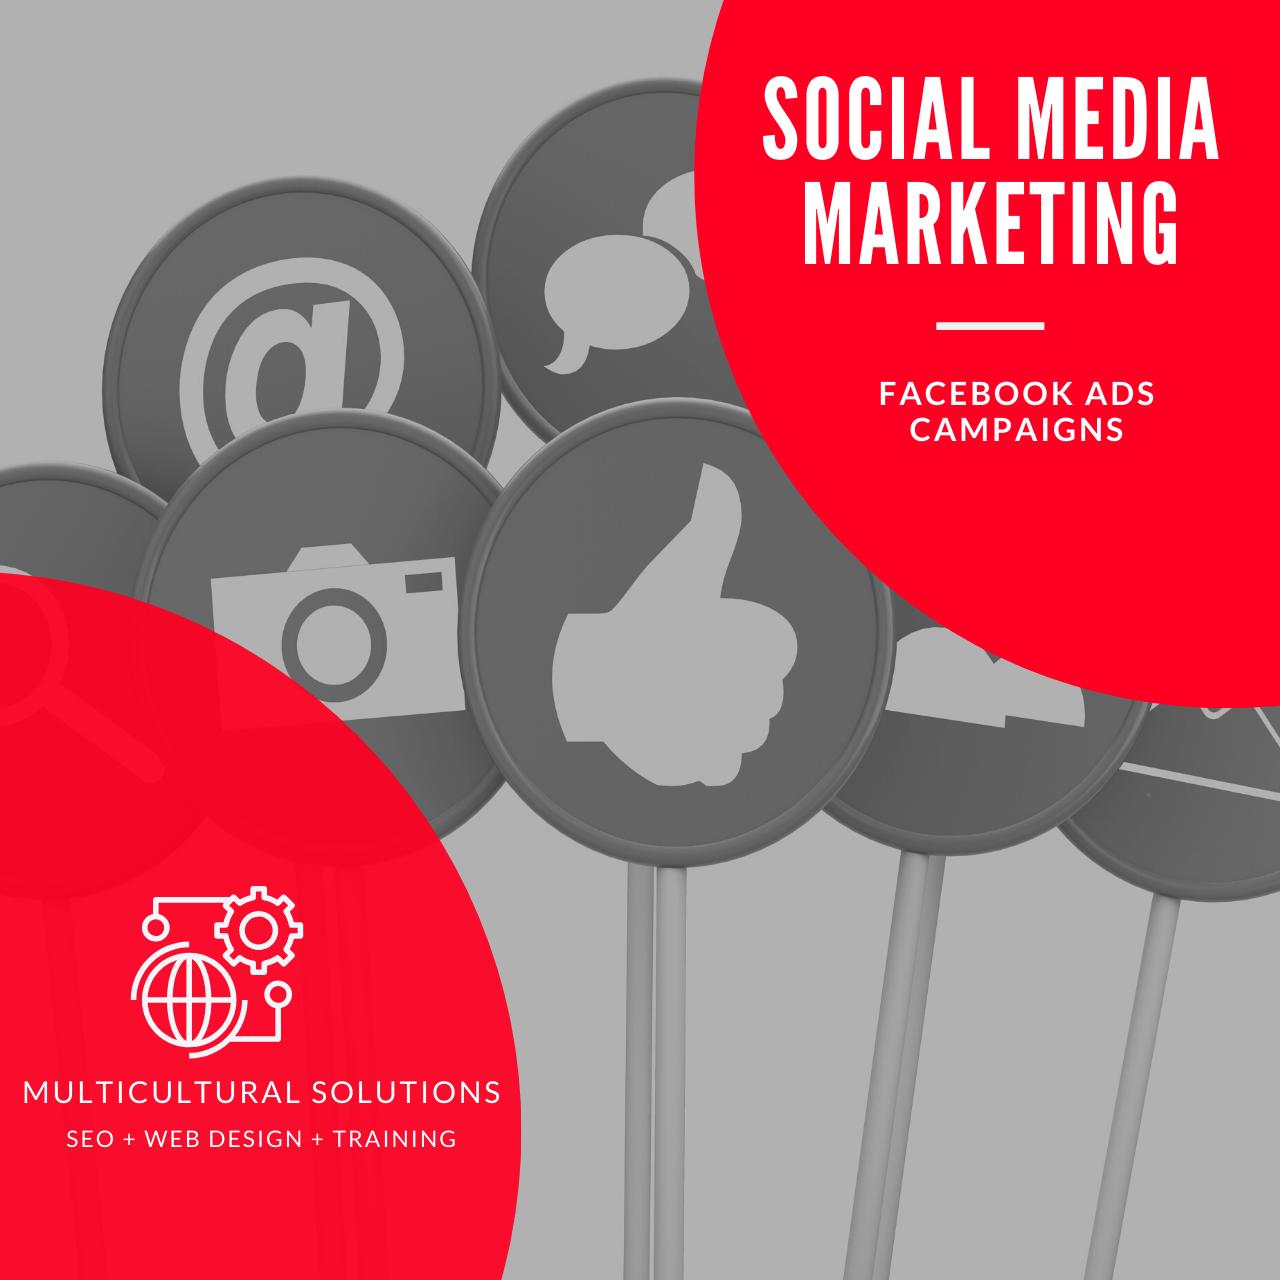 Social Media Marketing: Facebook